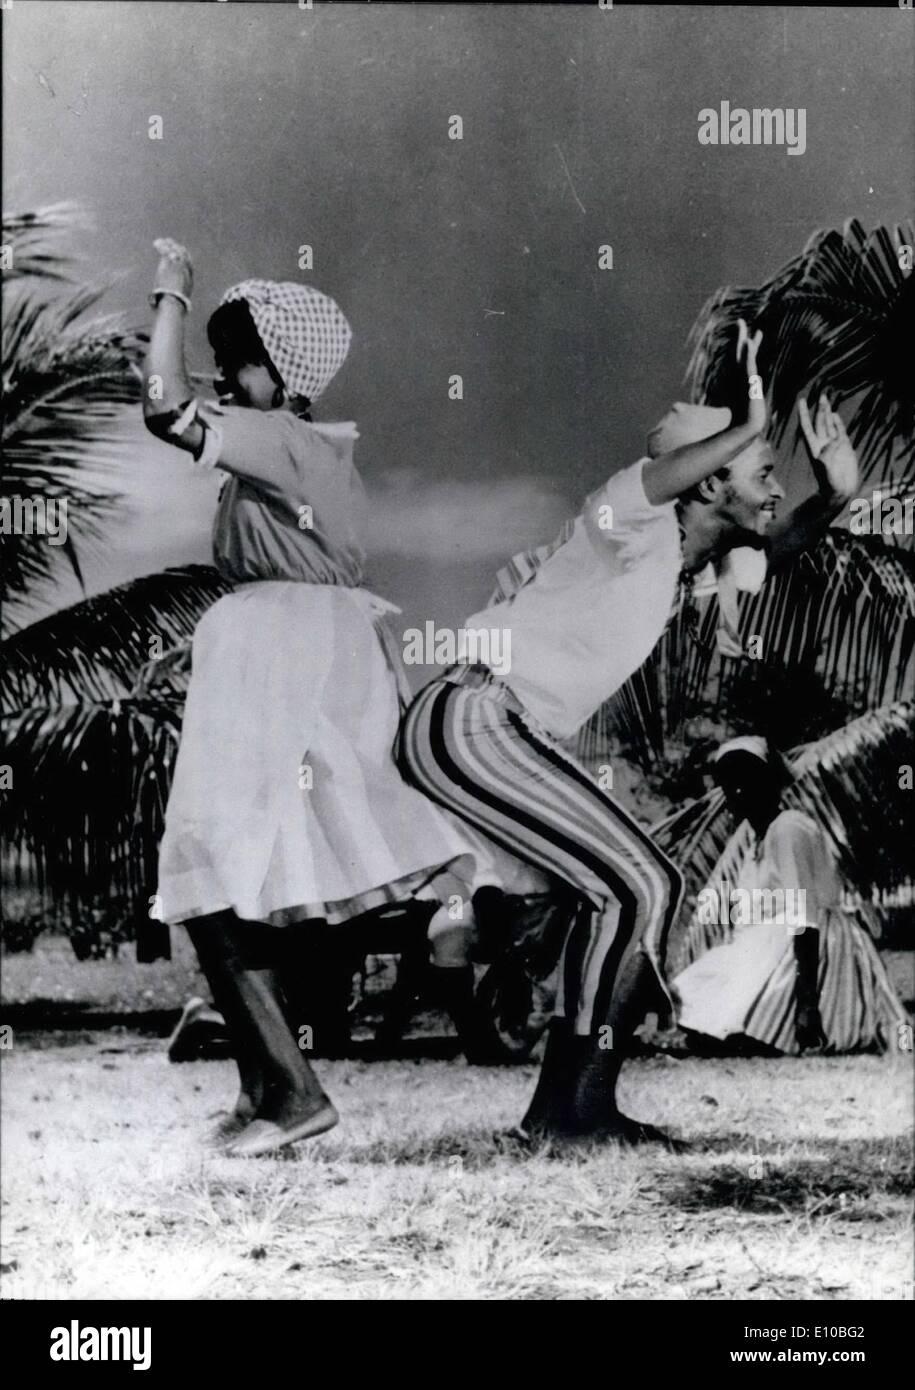 3. März 1972 - Internationale Folklore-Festival für die Olympischen Spiel 1972: Tänze, Trachten und Traditionen sind auch Teil der Olympischen. Während den Olympischen Spielen in München und internationalen Folklore-Festival findet im Rahmen des Kulturprogramms statt. Insgesamt 15 Gruppen aus allen Ländern (Frankreich, Portugal, Italien, Kenia, Marokko, Rumänien, Mexiko, Süd Korea, Chile, Japan, Polen und den Antills-Inseln Marinieuq, die zu Frankreich gehört (- unsere Foto-) erscheint in dieser Sitzung Stockbild